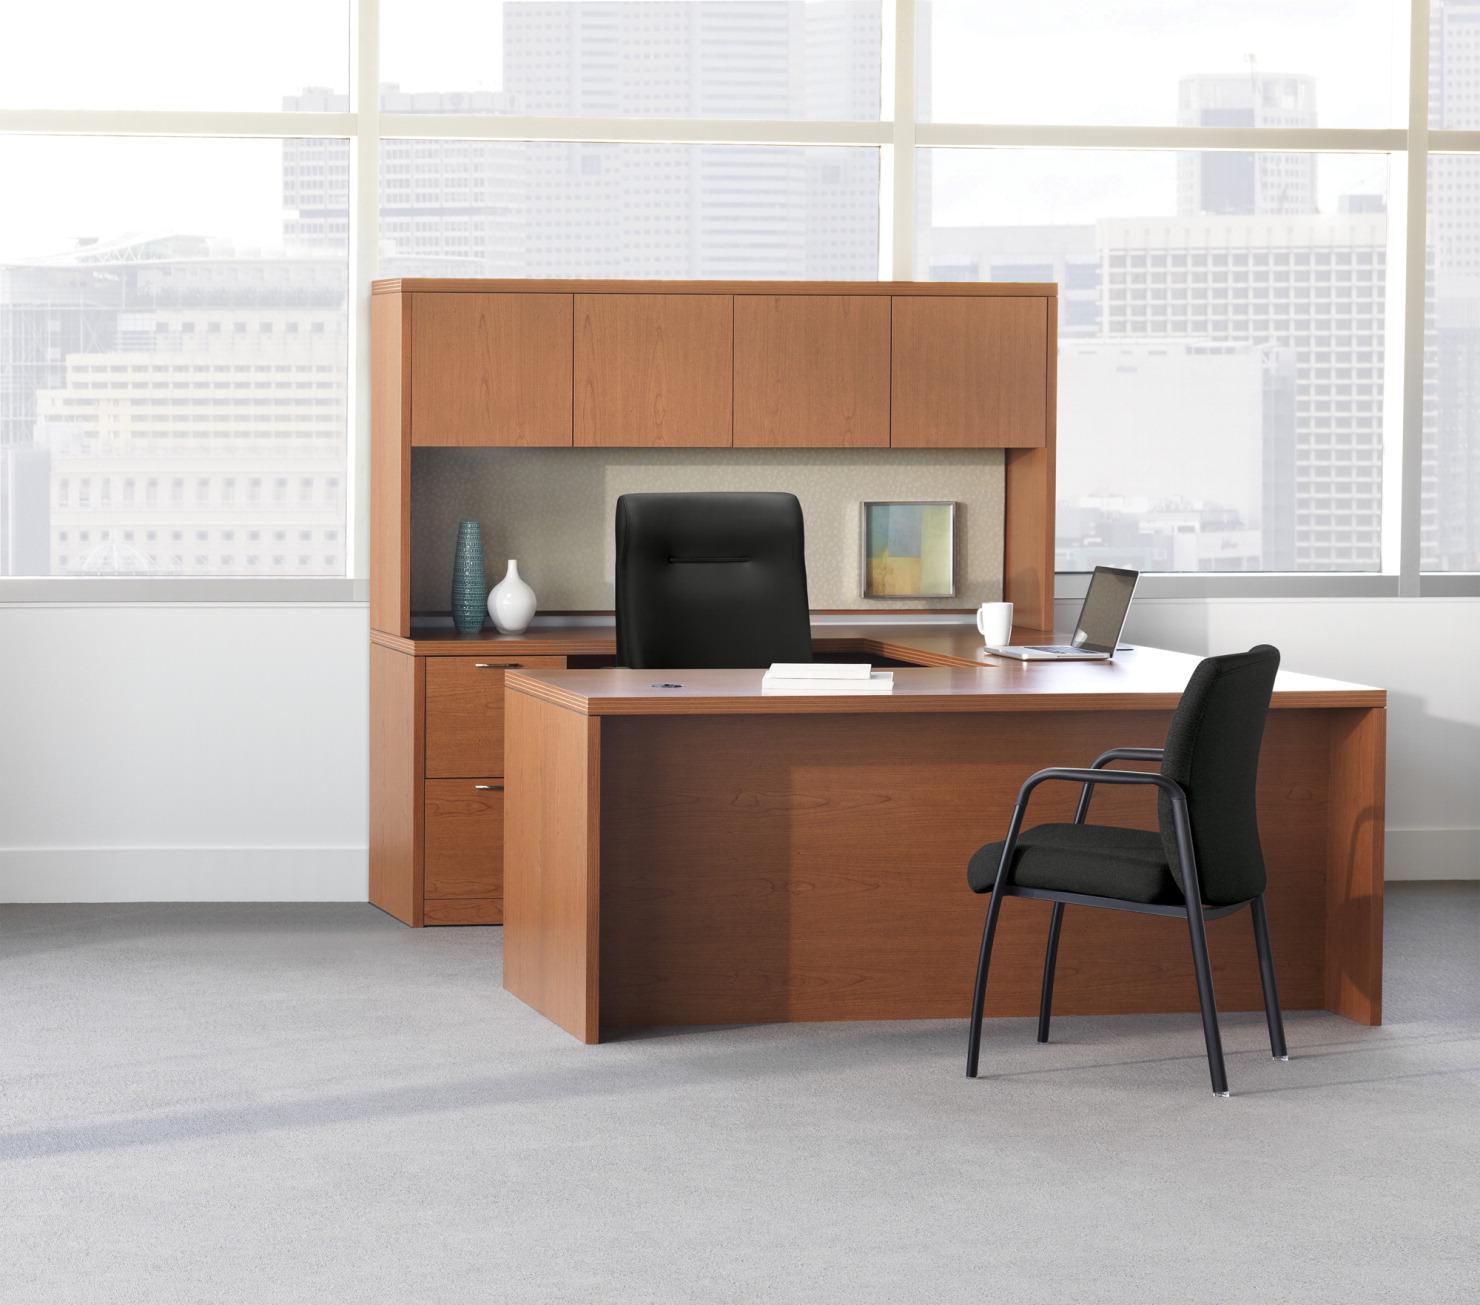 Hon 10500 10700 Laminate Center Desk Drawer 26 X 15 3 8